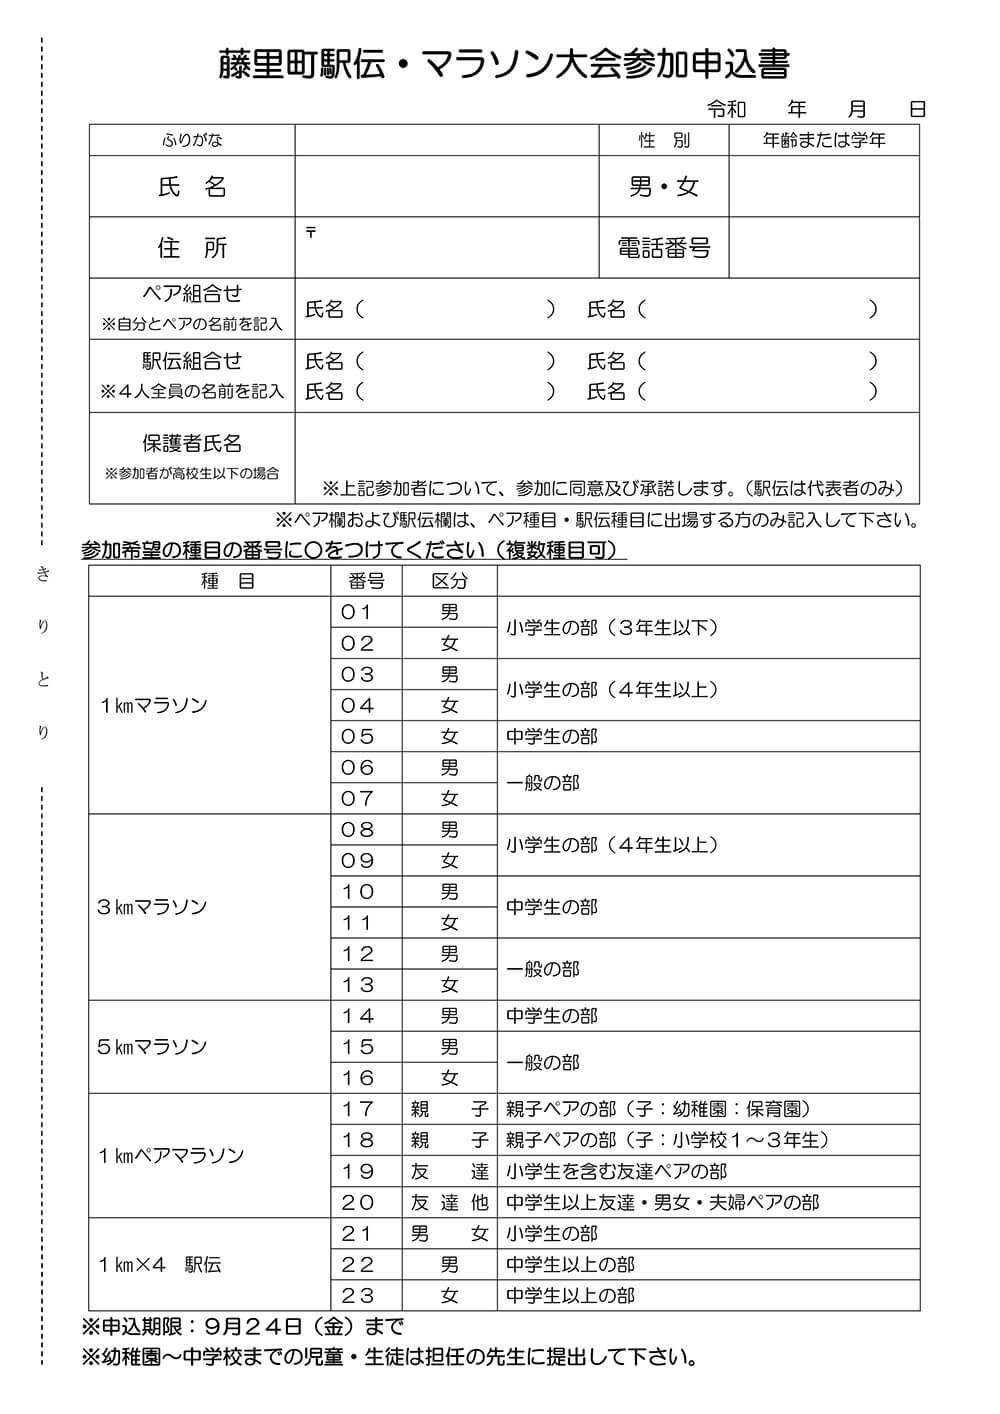 「藤里町駅伝・マラソン大会」